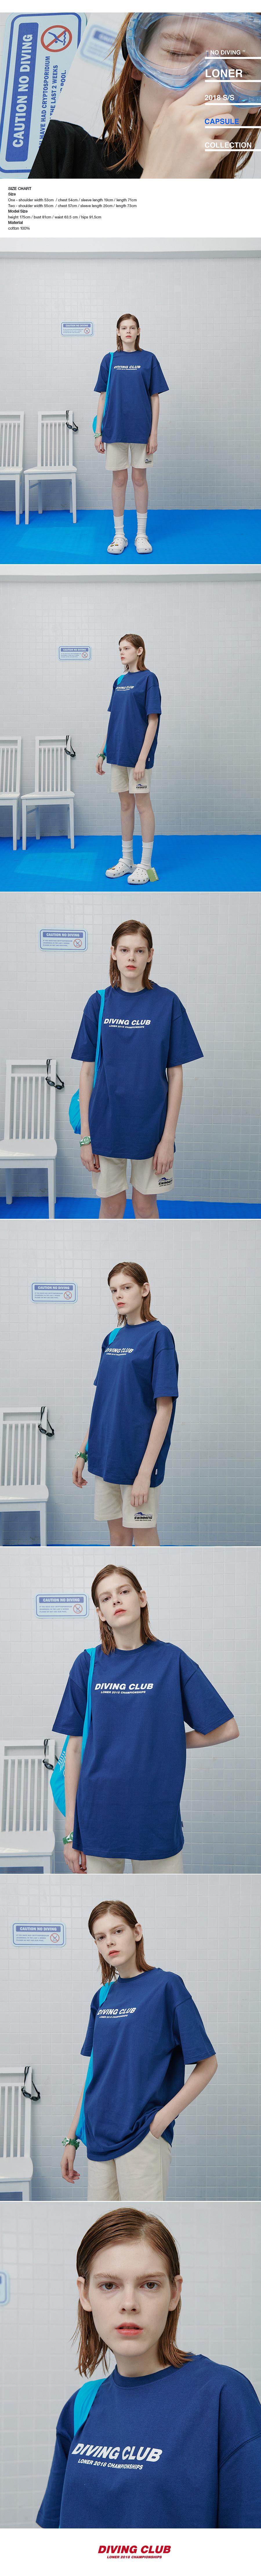 Diving club tshirt-dark blue.jpg